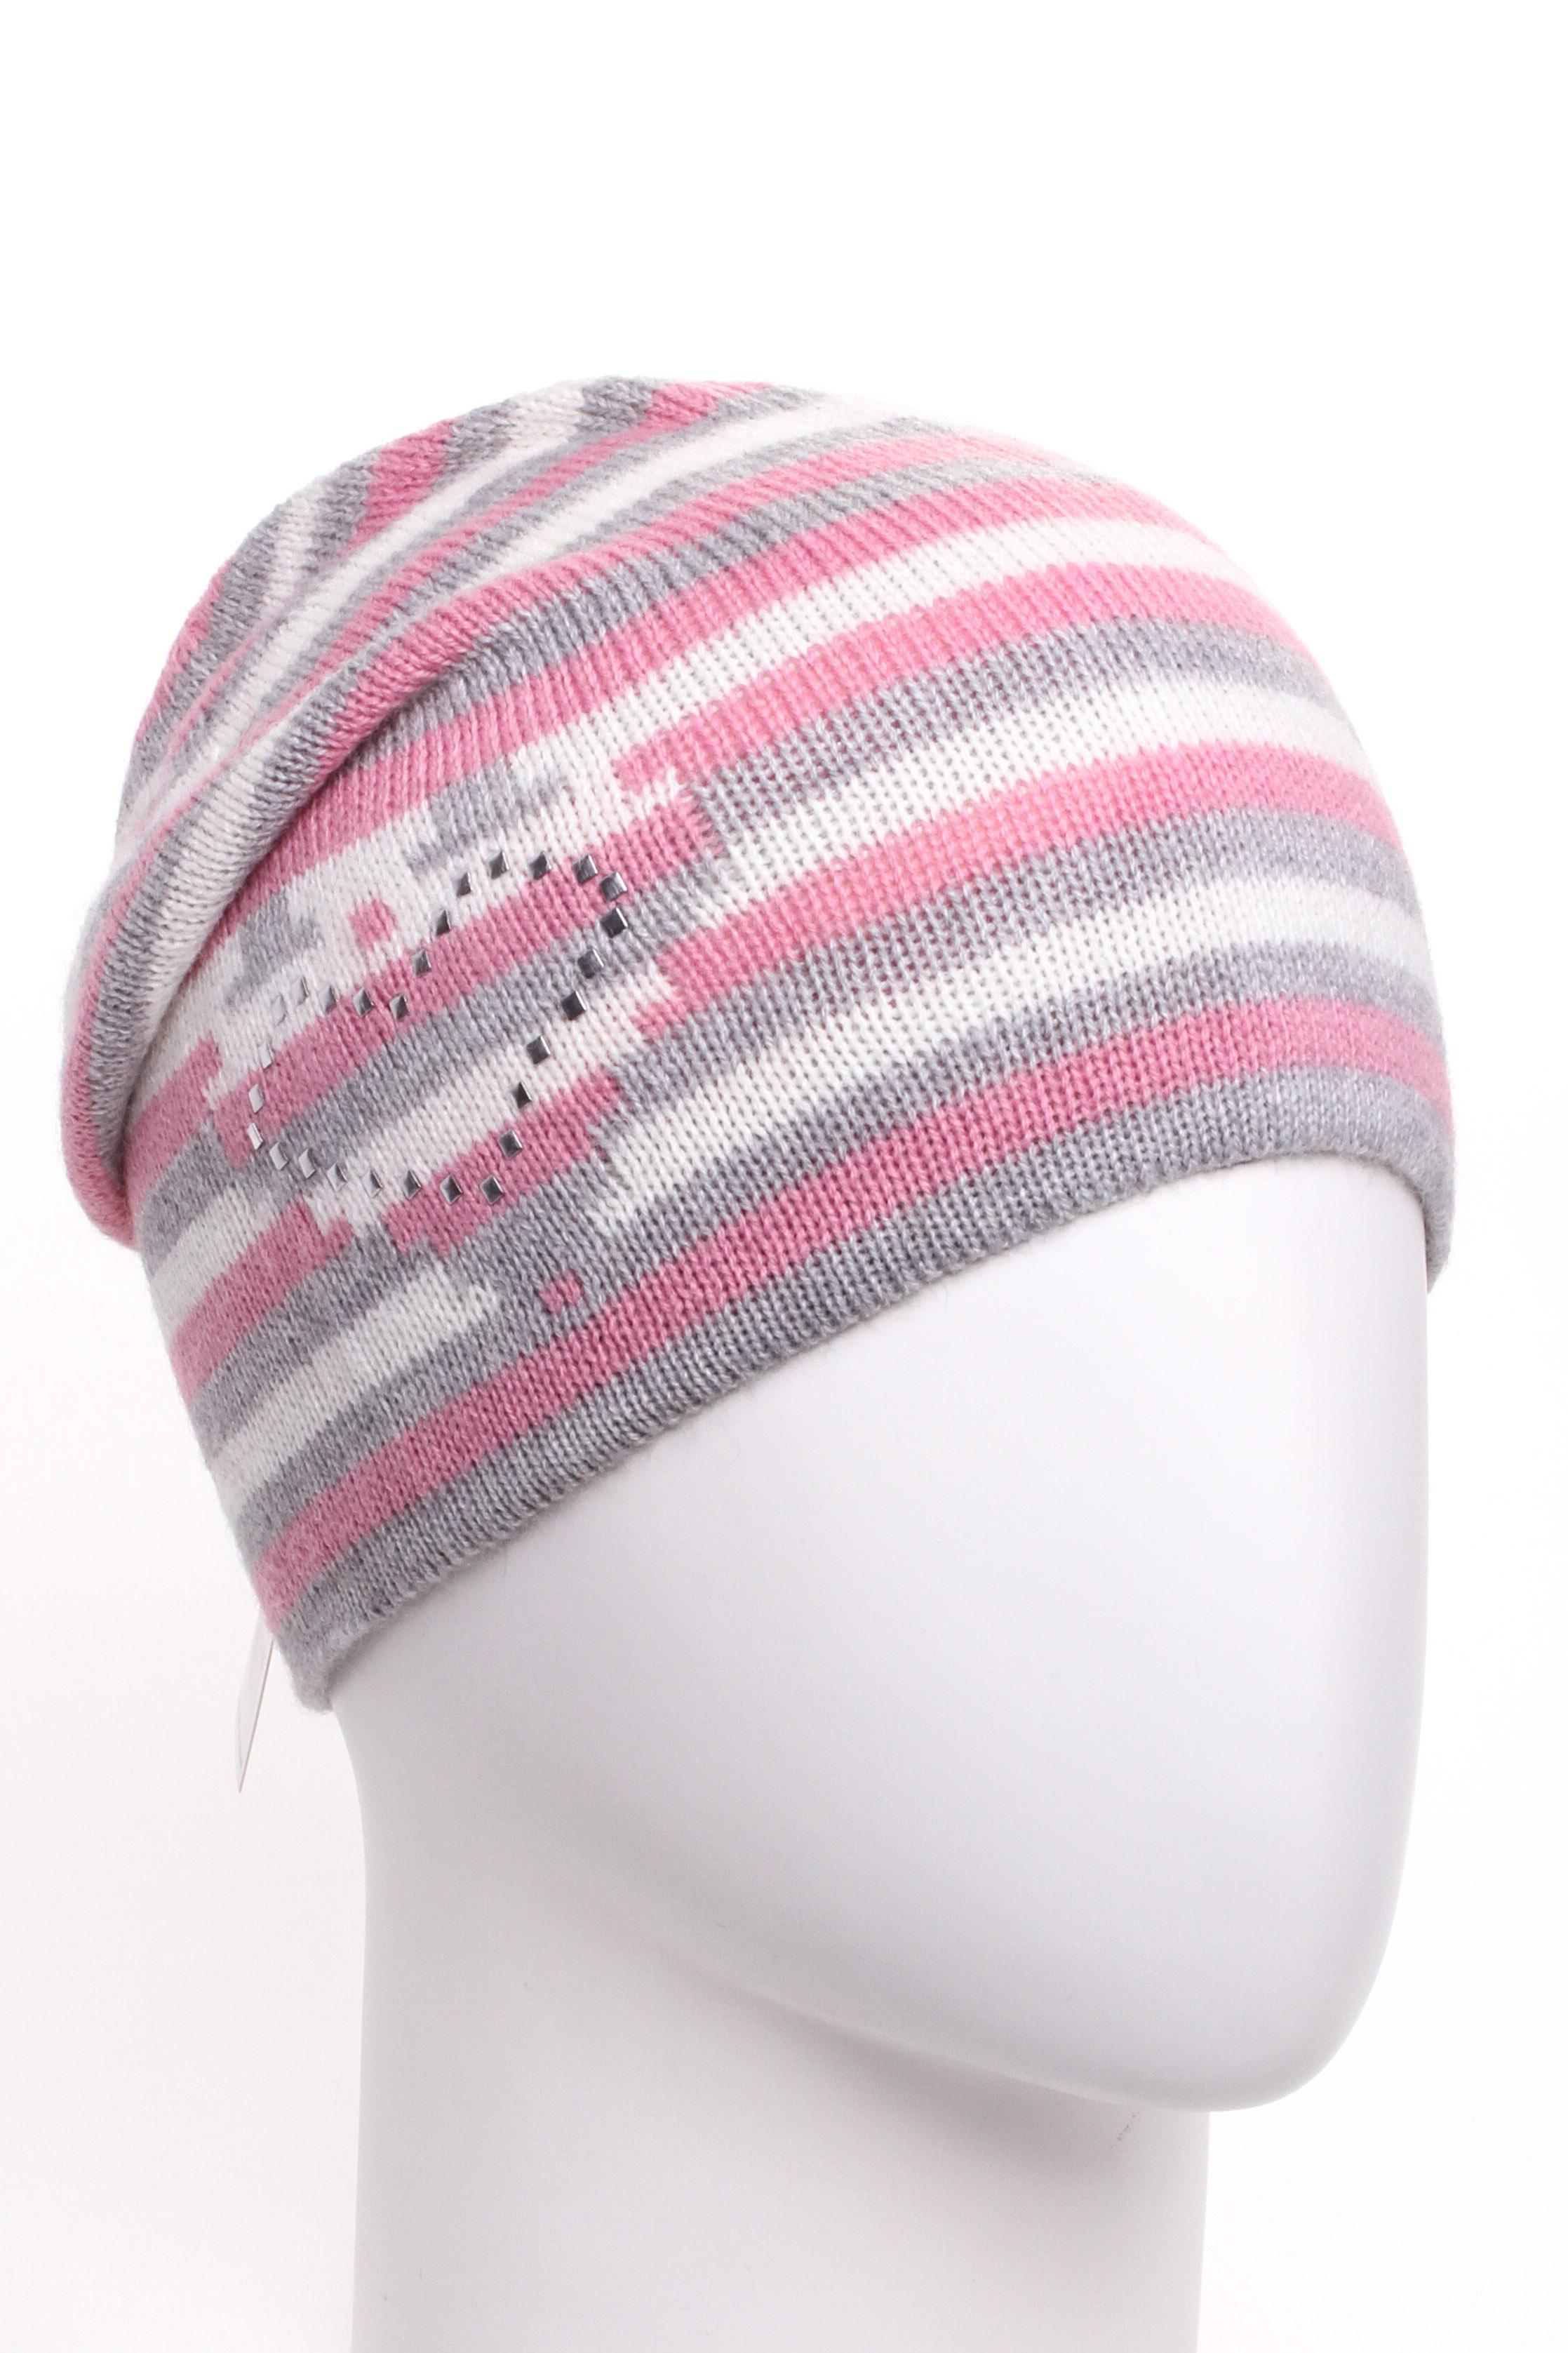 ШапкаШапки<br>Стильная шапка защитит Вас от непогоды и станет прекрасным дополнением Вашего образа.  В изделии использованы цвета: розовый, серый, белый<br><br>По материалу: Вязаные<br>По рисунку: В полоску,Цветные<br>По элементам: С декором<br>По сезону: Зима<br>Размер : universal<br>Материал: Вязаное полотно<br>Количество в наличии: 1